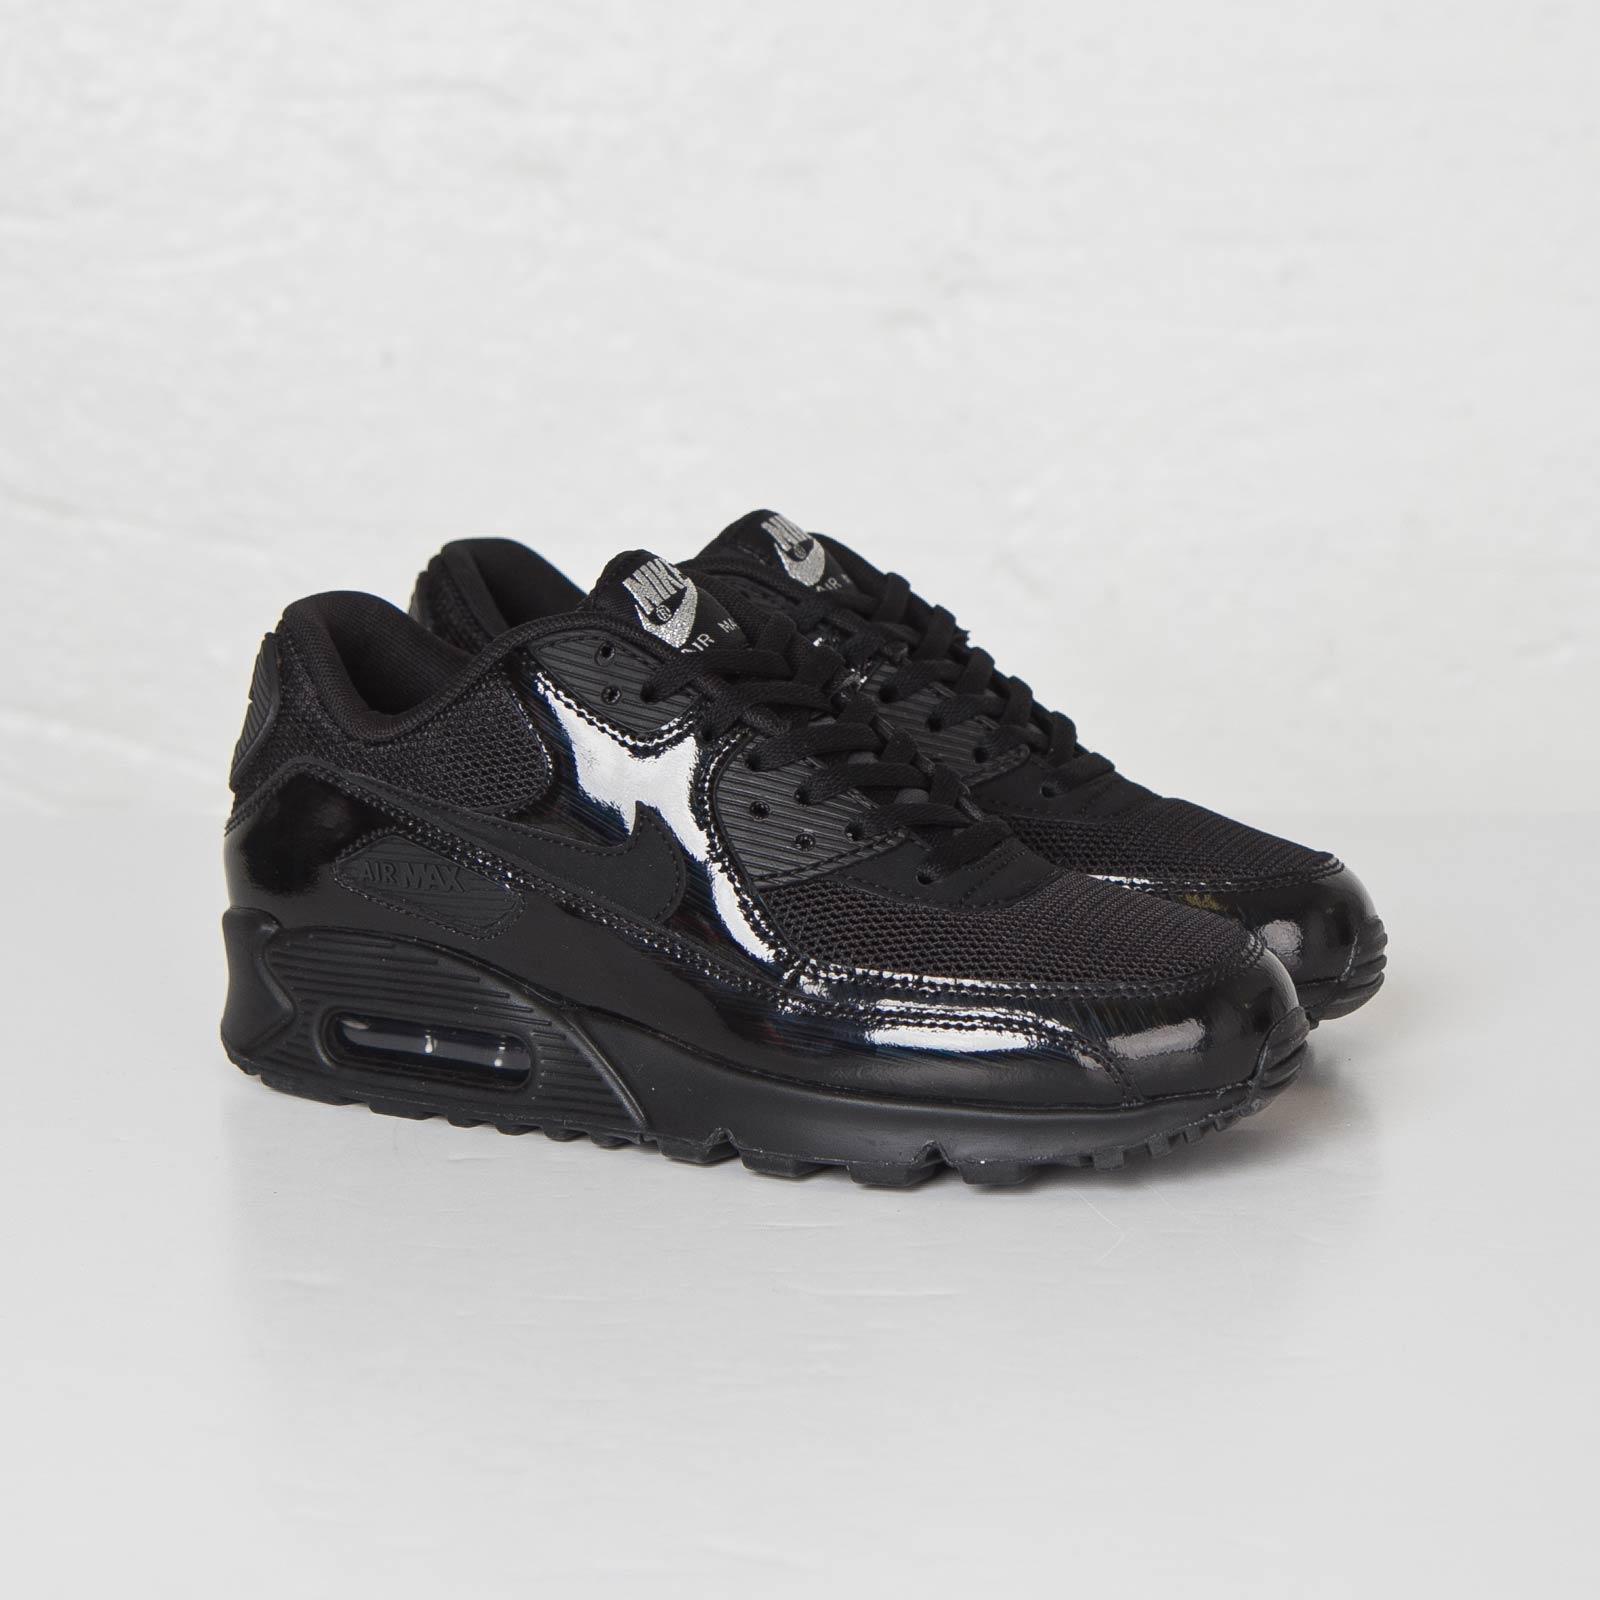 eacd7248a1 Nike Wmns Air Max 90 Premium - 443817-002 - Sneakersnstuff ...